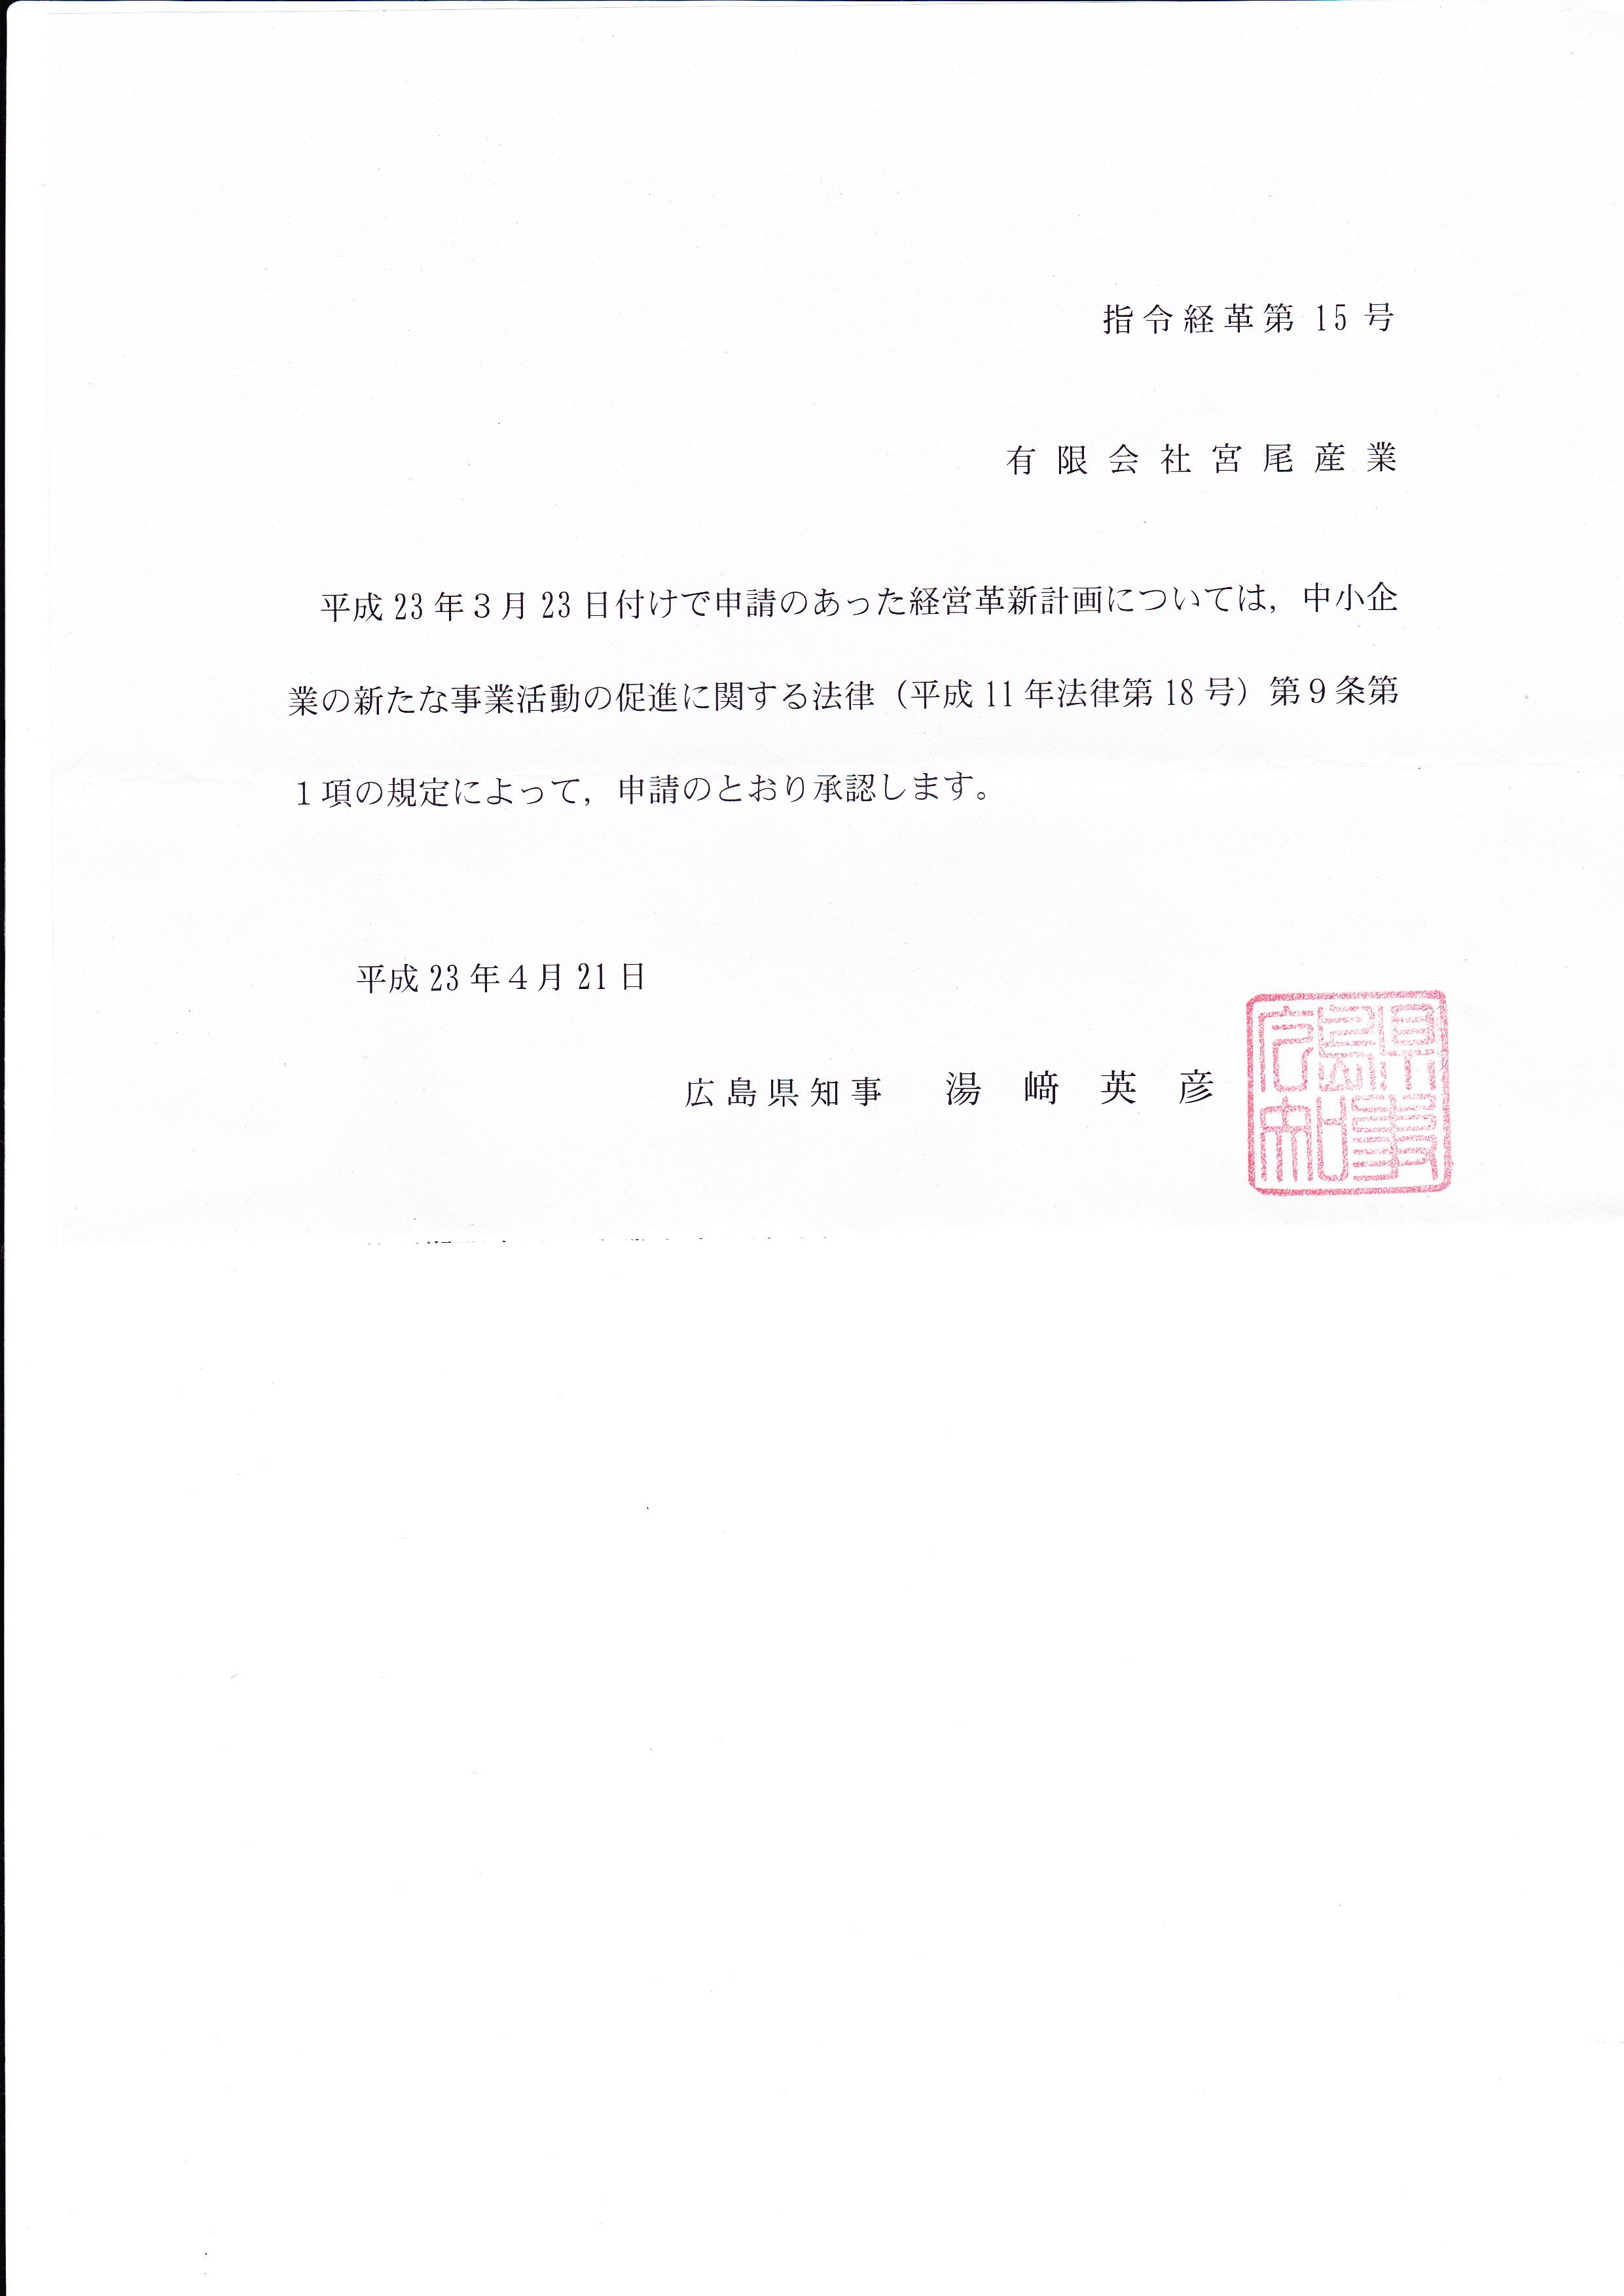 経営革新計画認定(広島県庁・経営革新課)